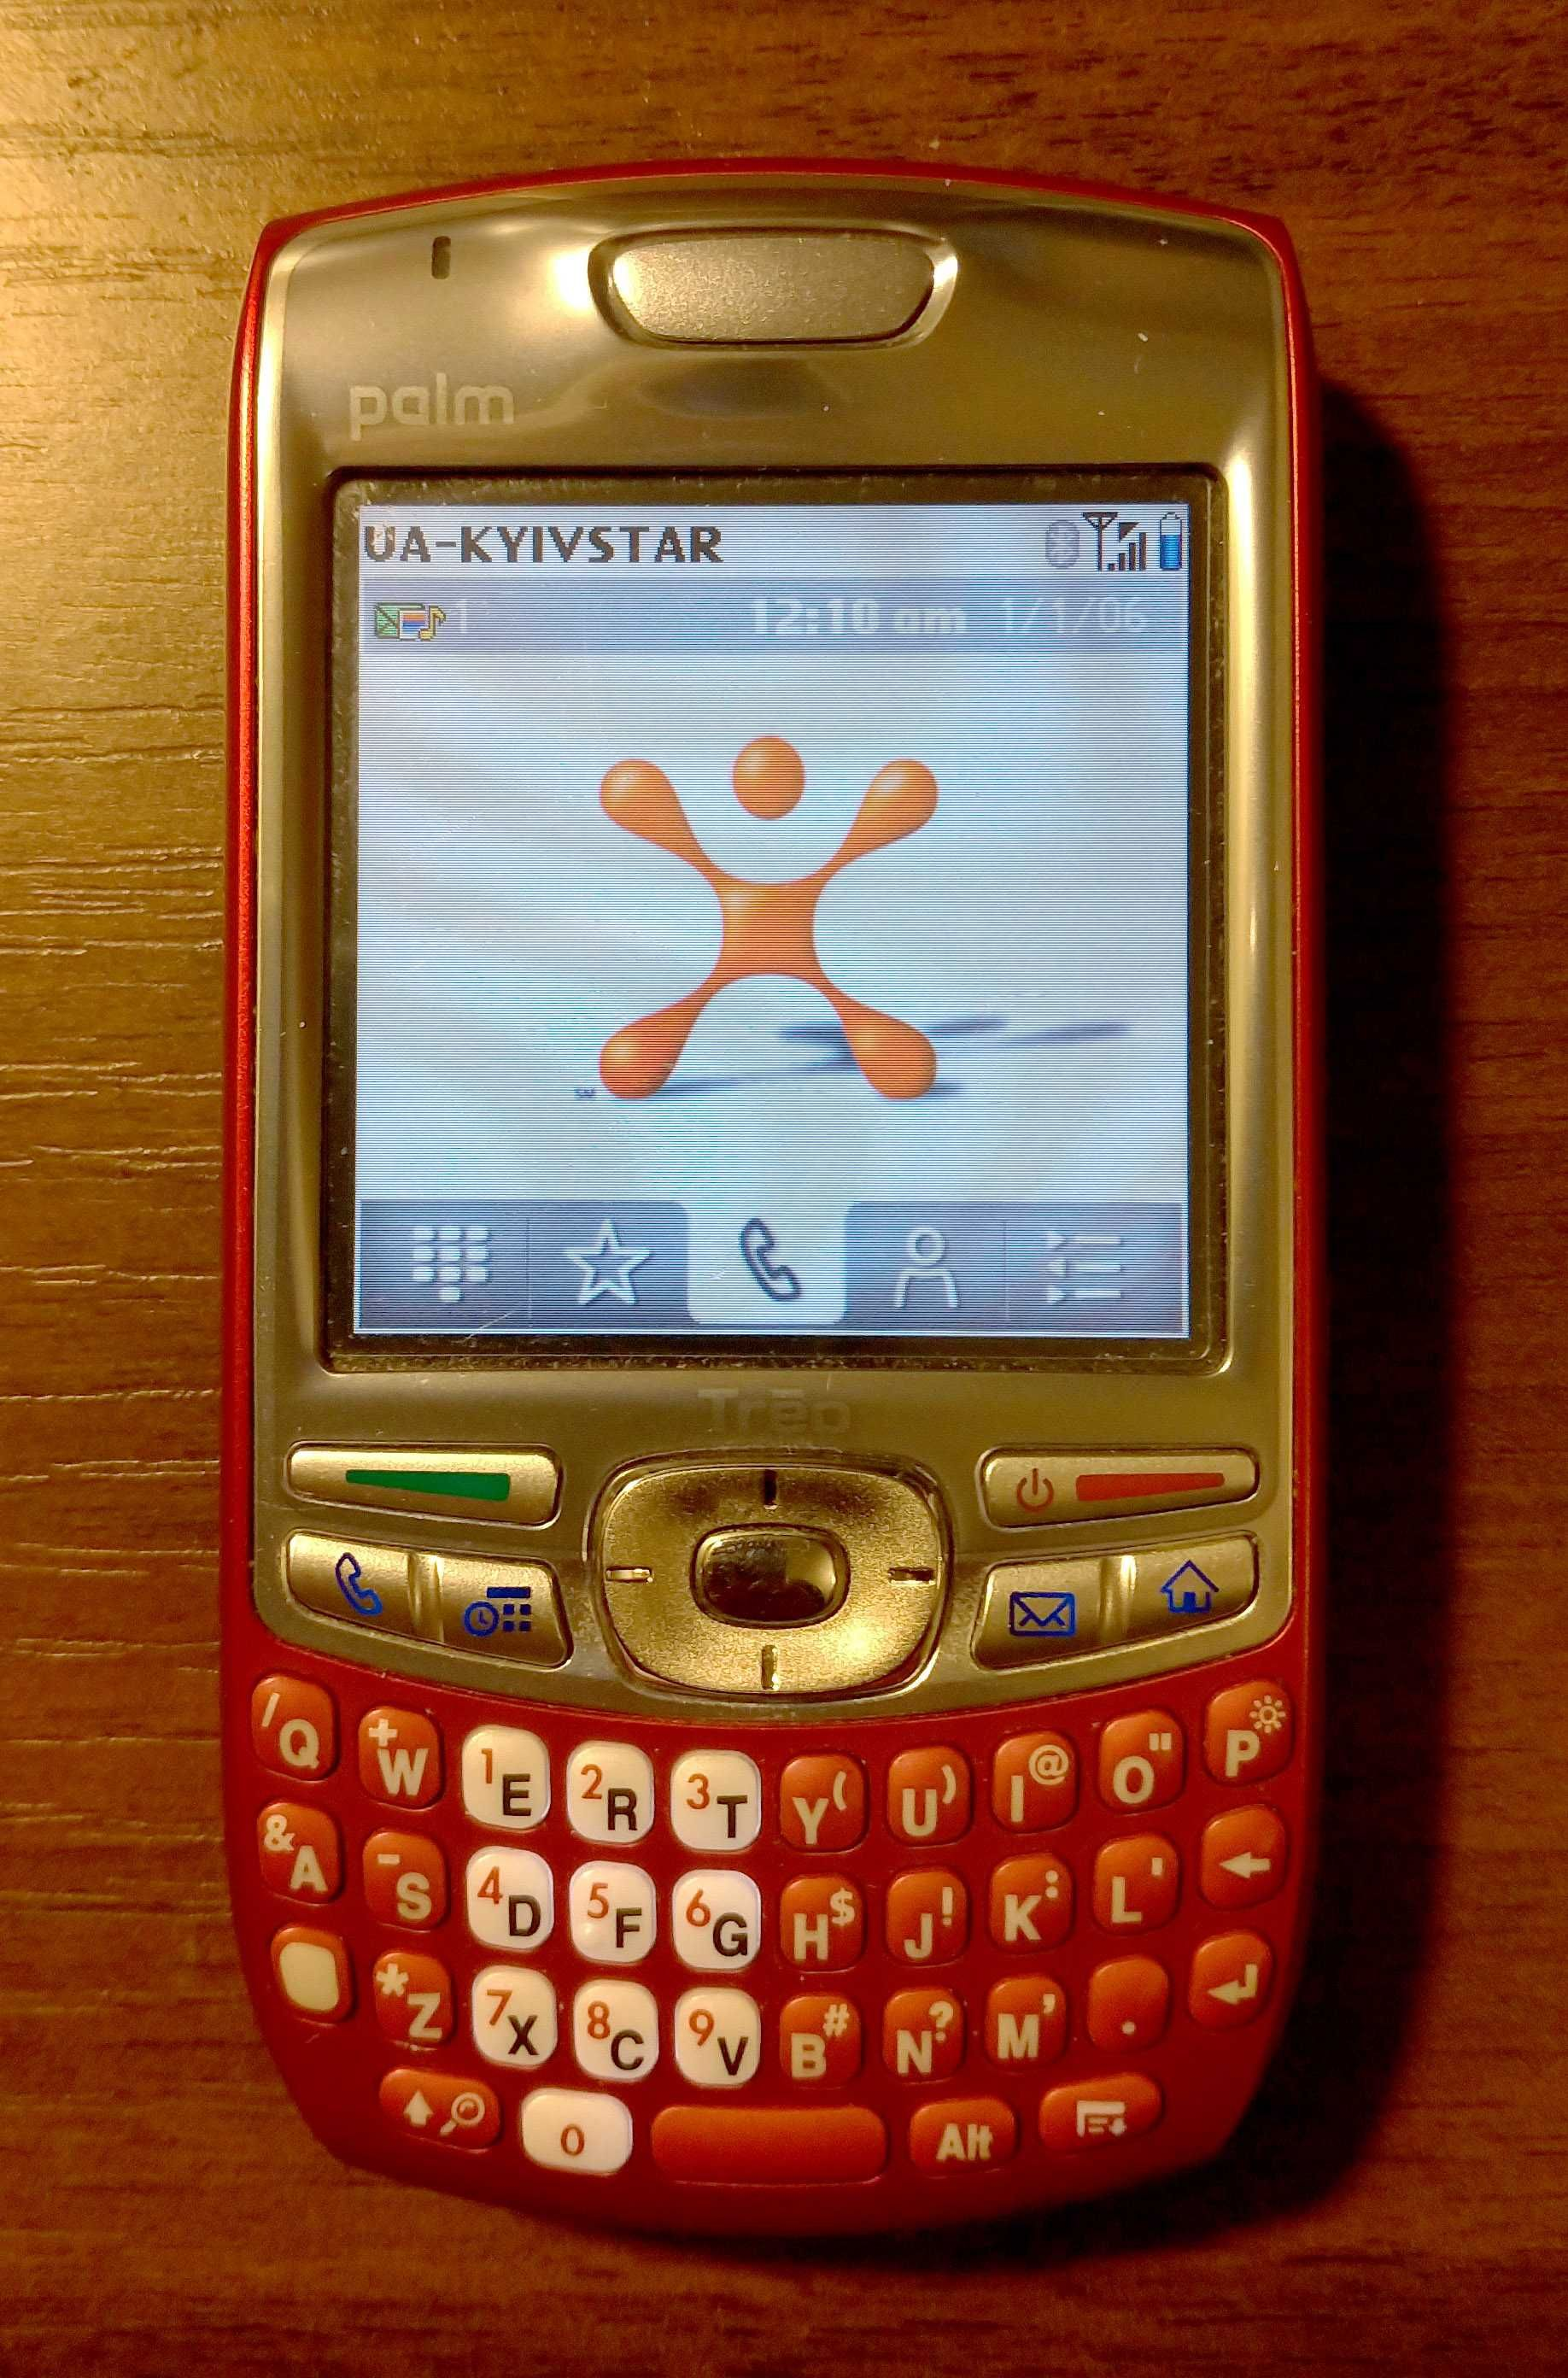 Продам свой PALM TREO 680 (GSM, Palm OS), идеальное состояние